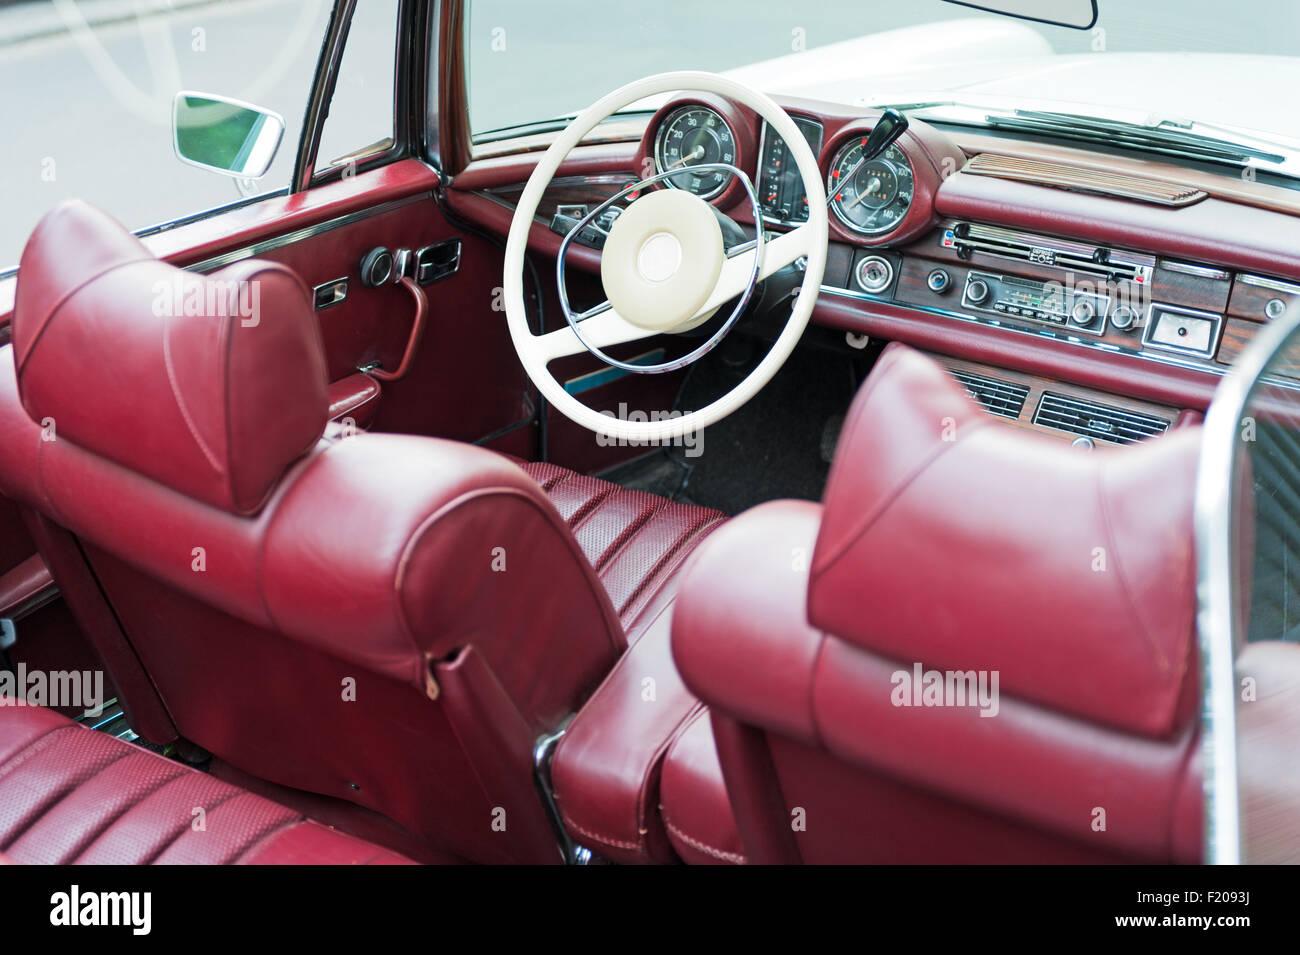 Innenaufnahme eine Cabriolet-Oldtimers Stock Photo